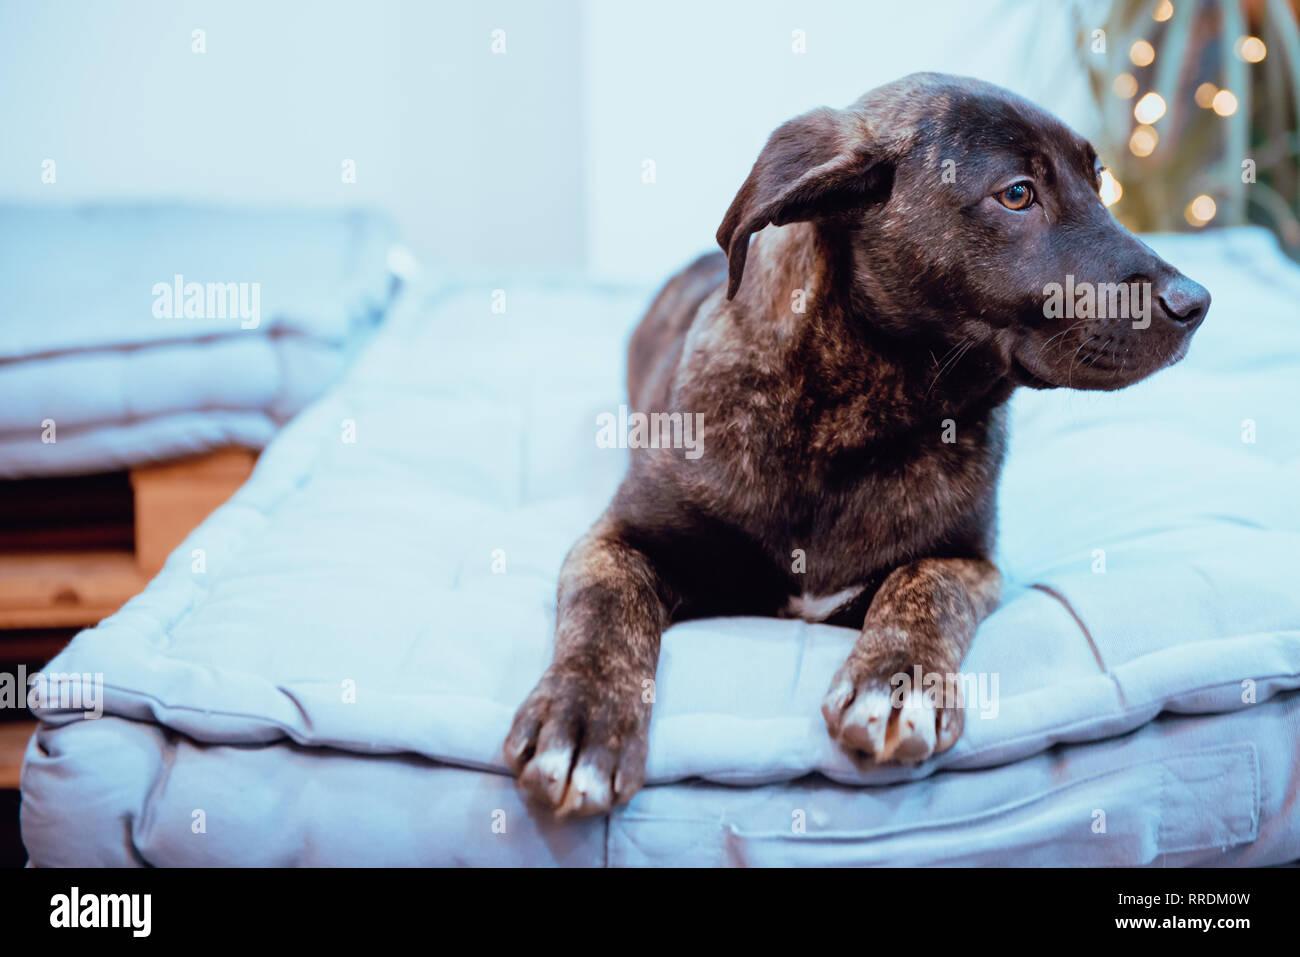 Dog lying on floor - Stock Image